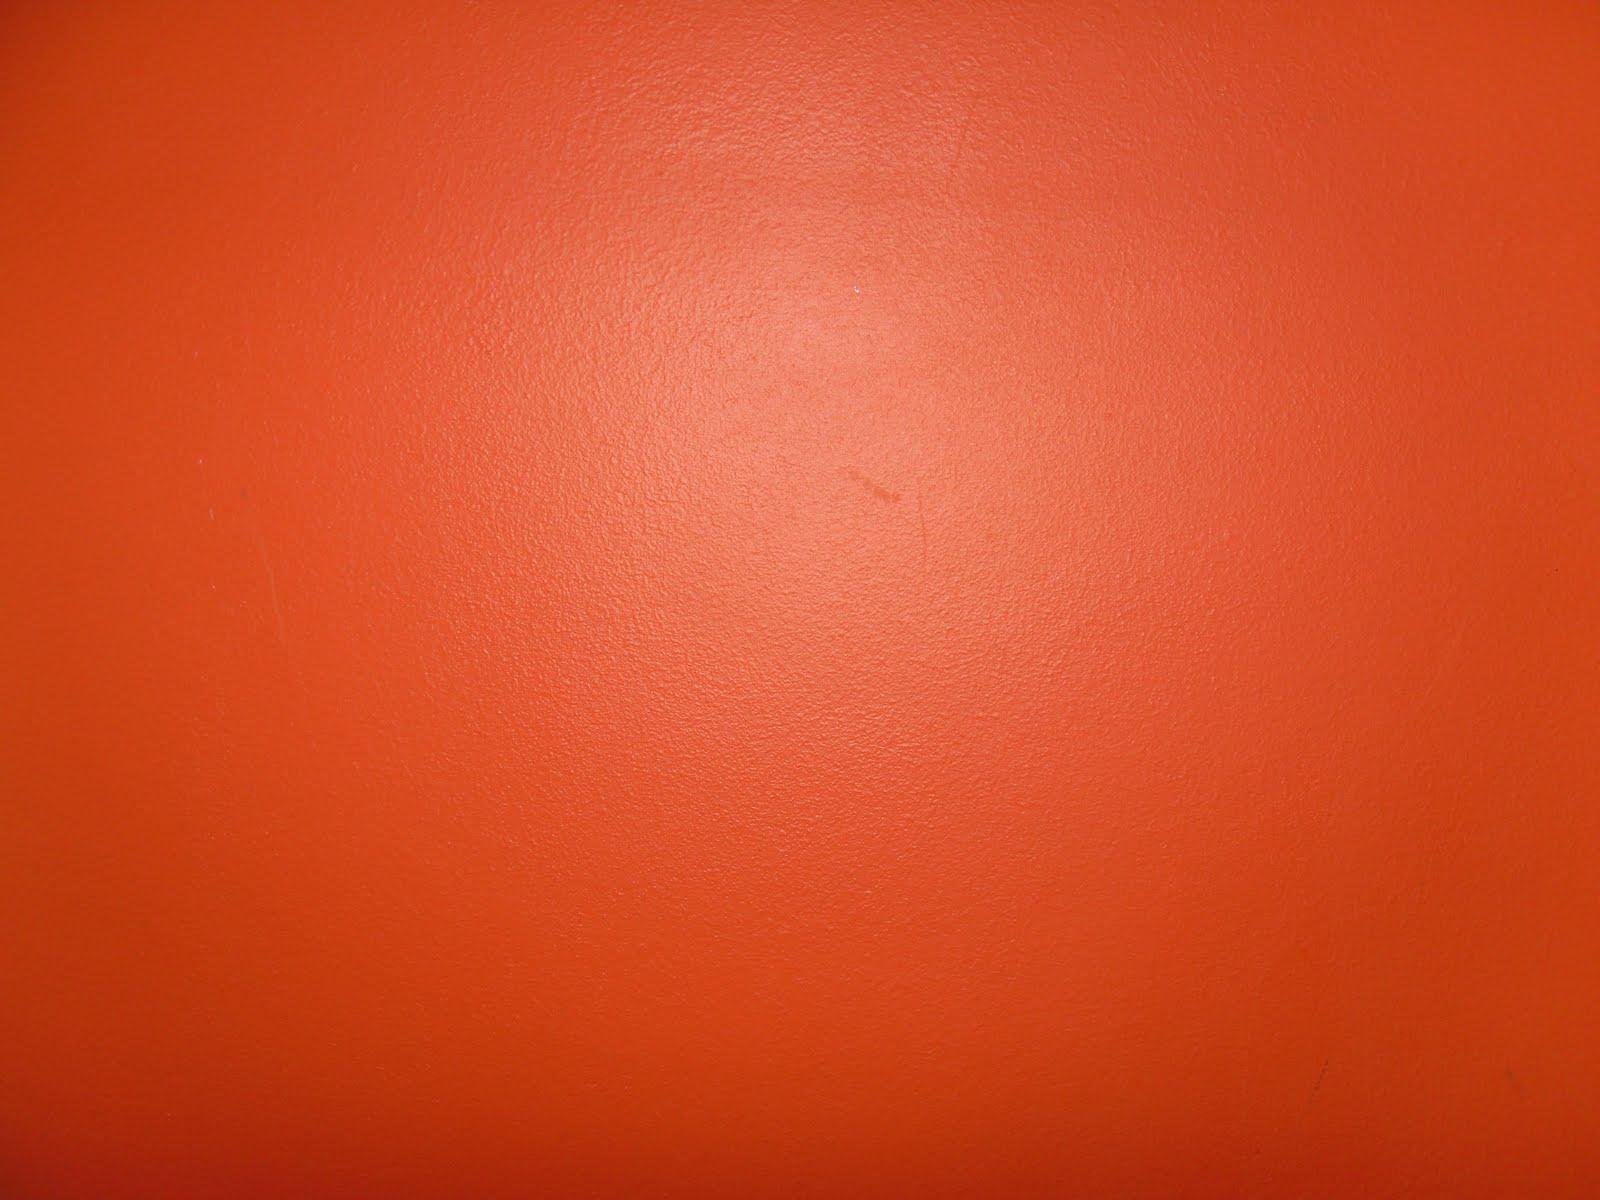 Neon Orange Backgrounds - Wallpaper Cave